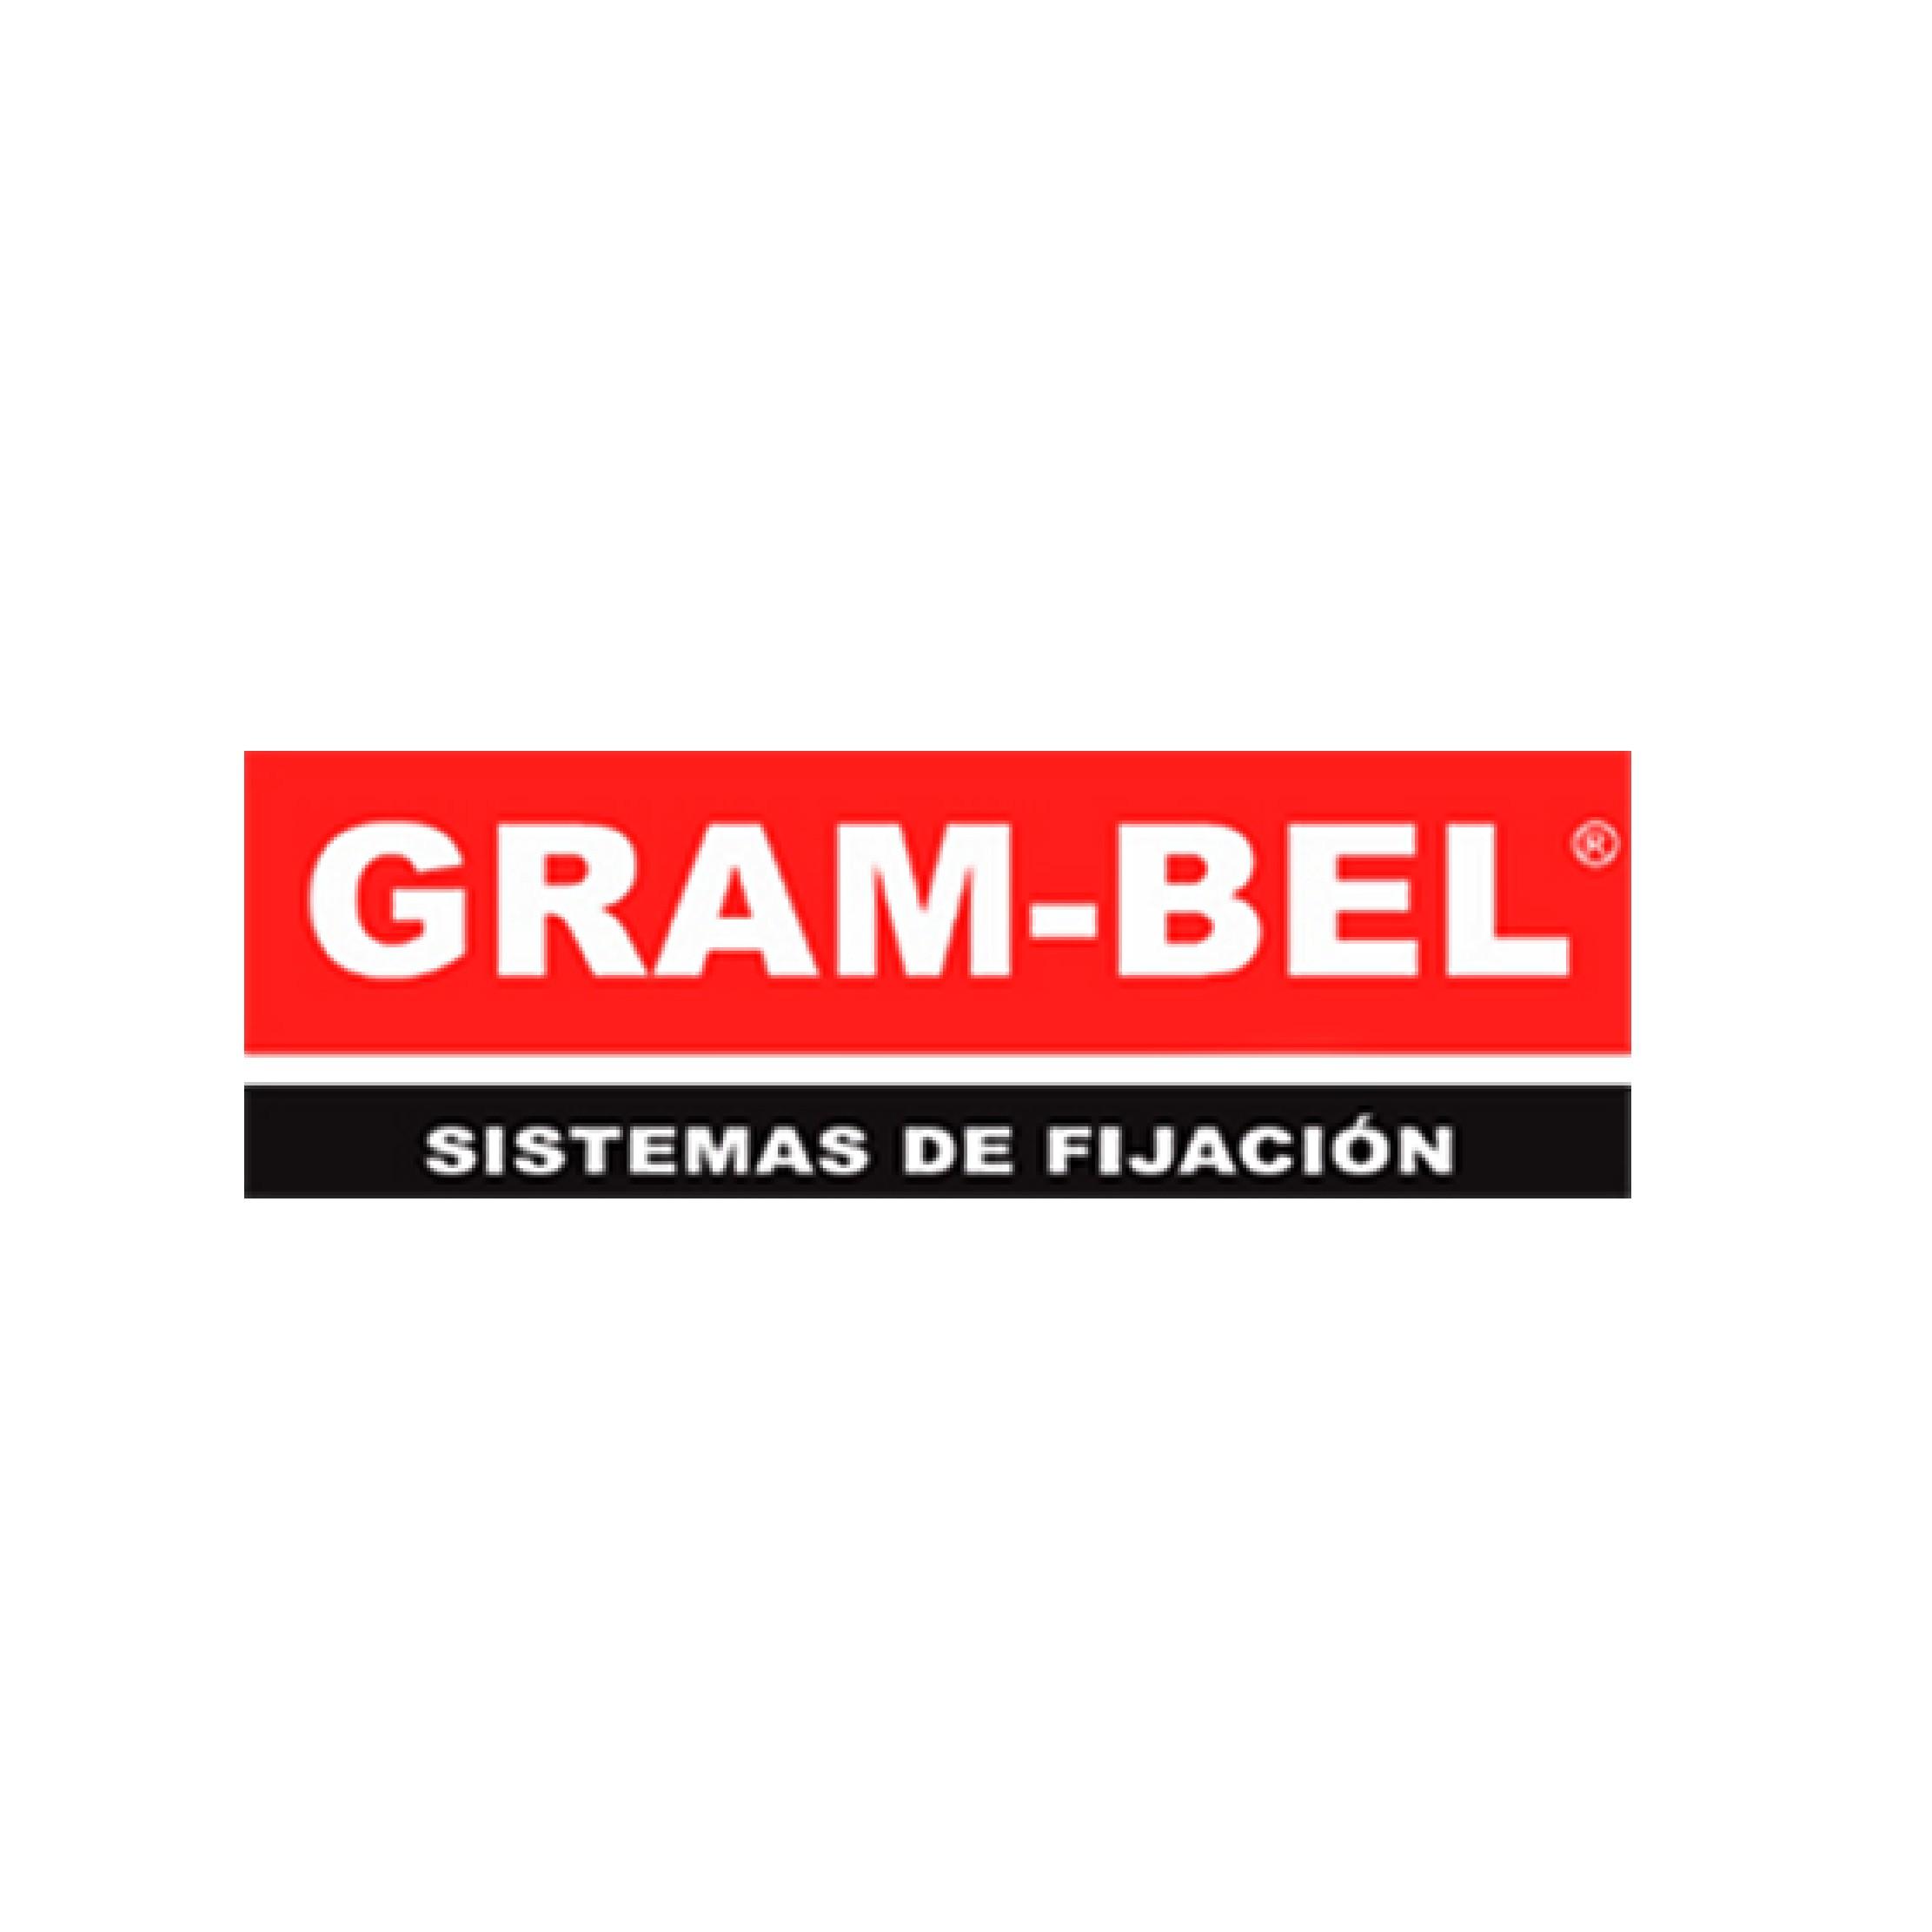 Grambel